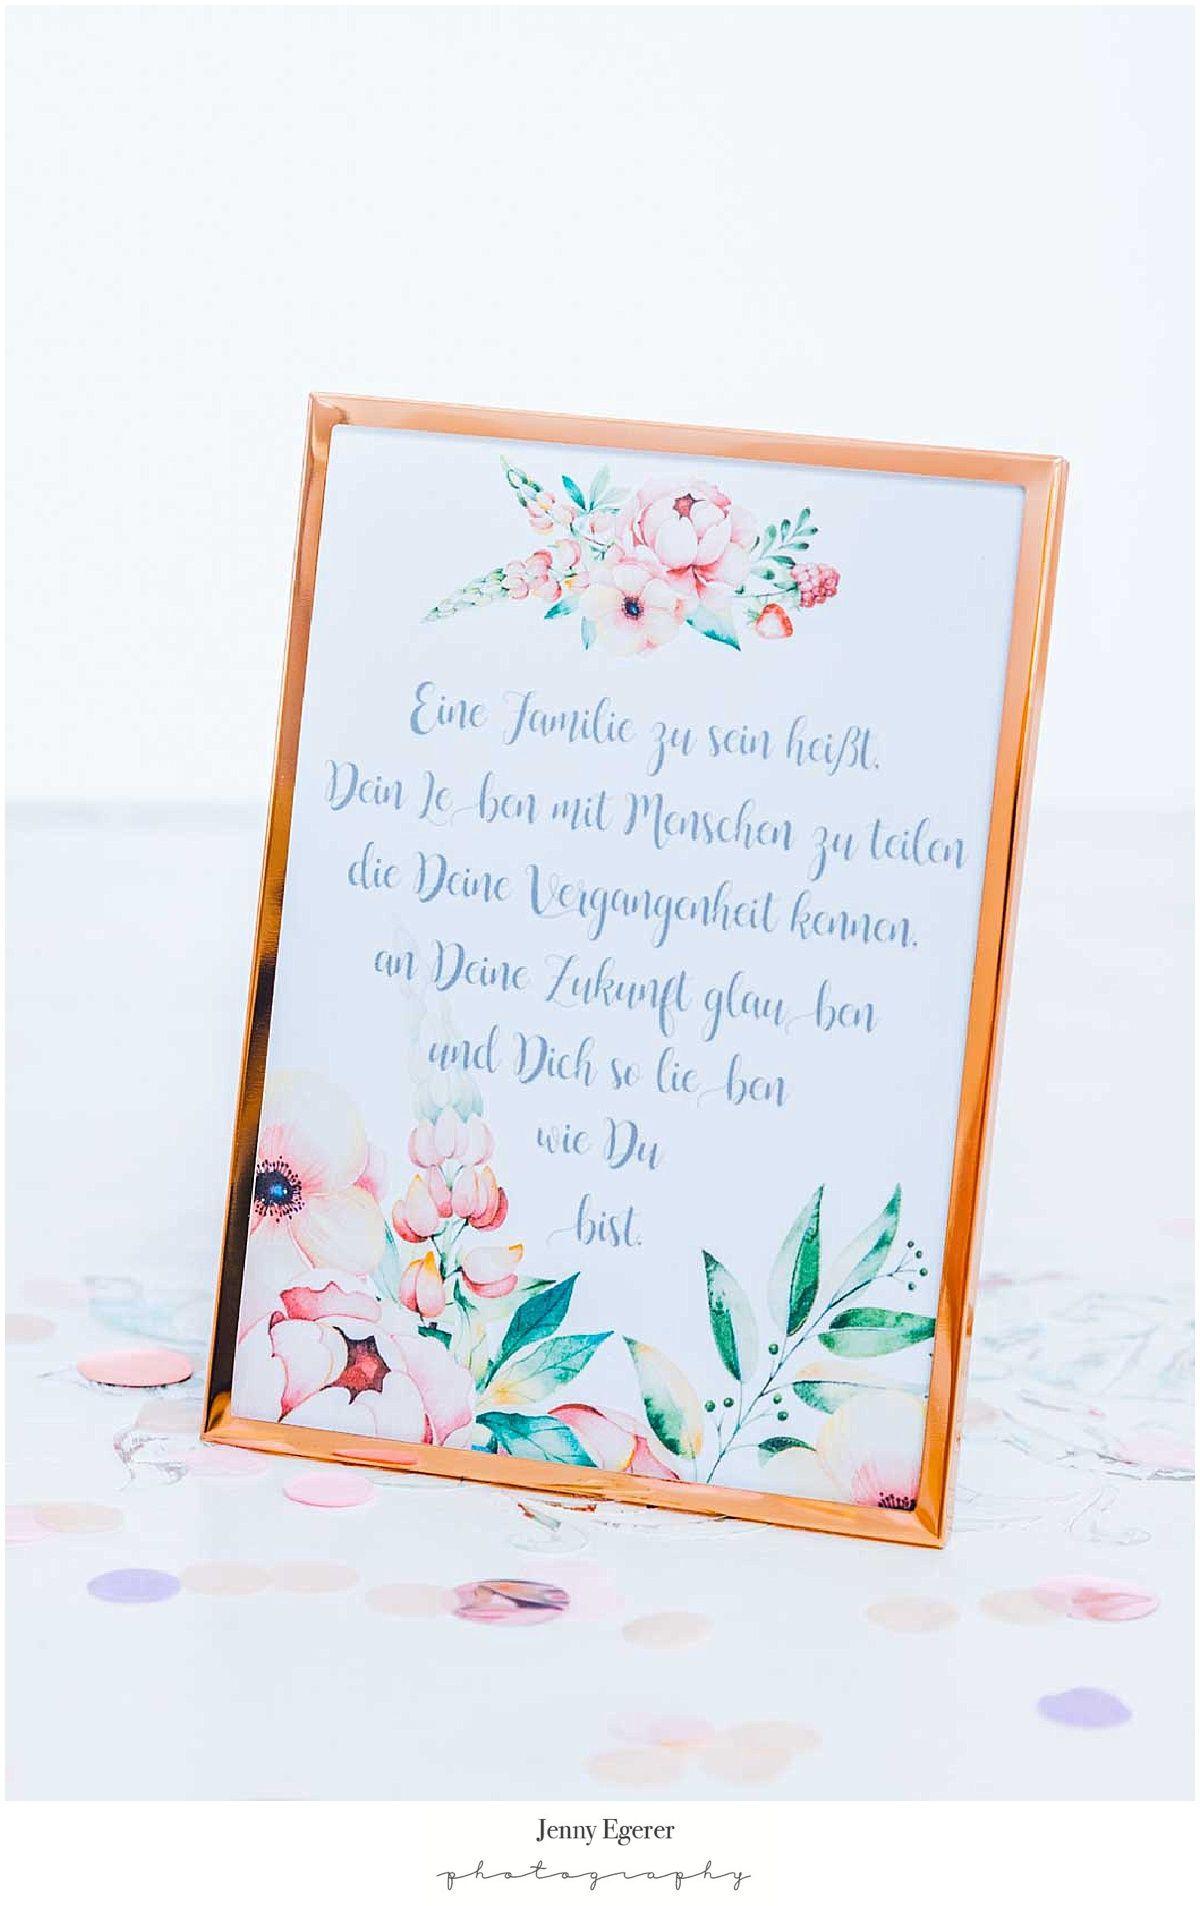 Karten Tischkarten Aufsteller Hochzeitsdeko Heiraten Wedding Karten Tischkarten Wunderkerzen